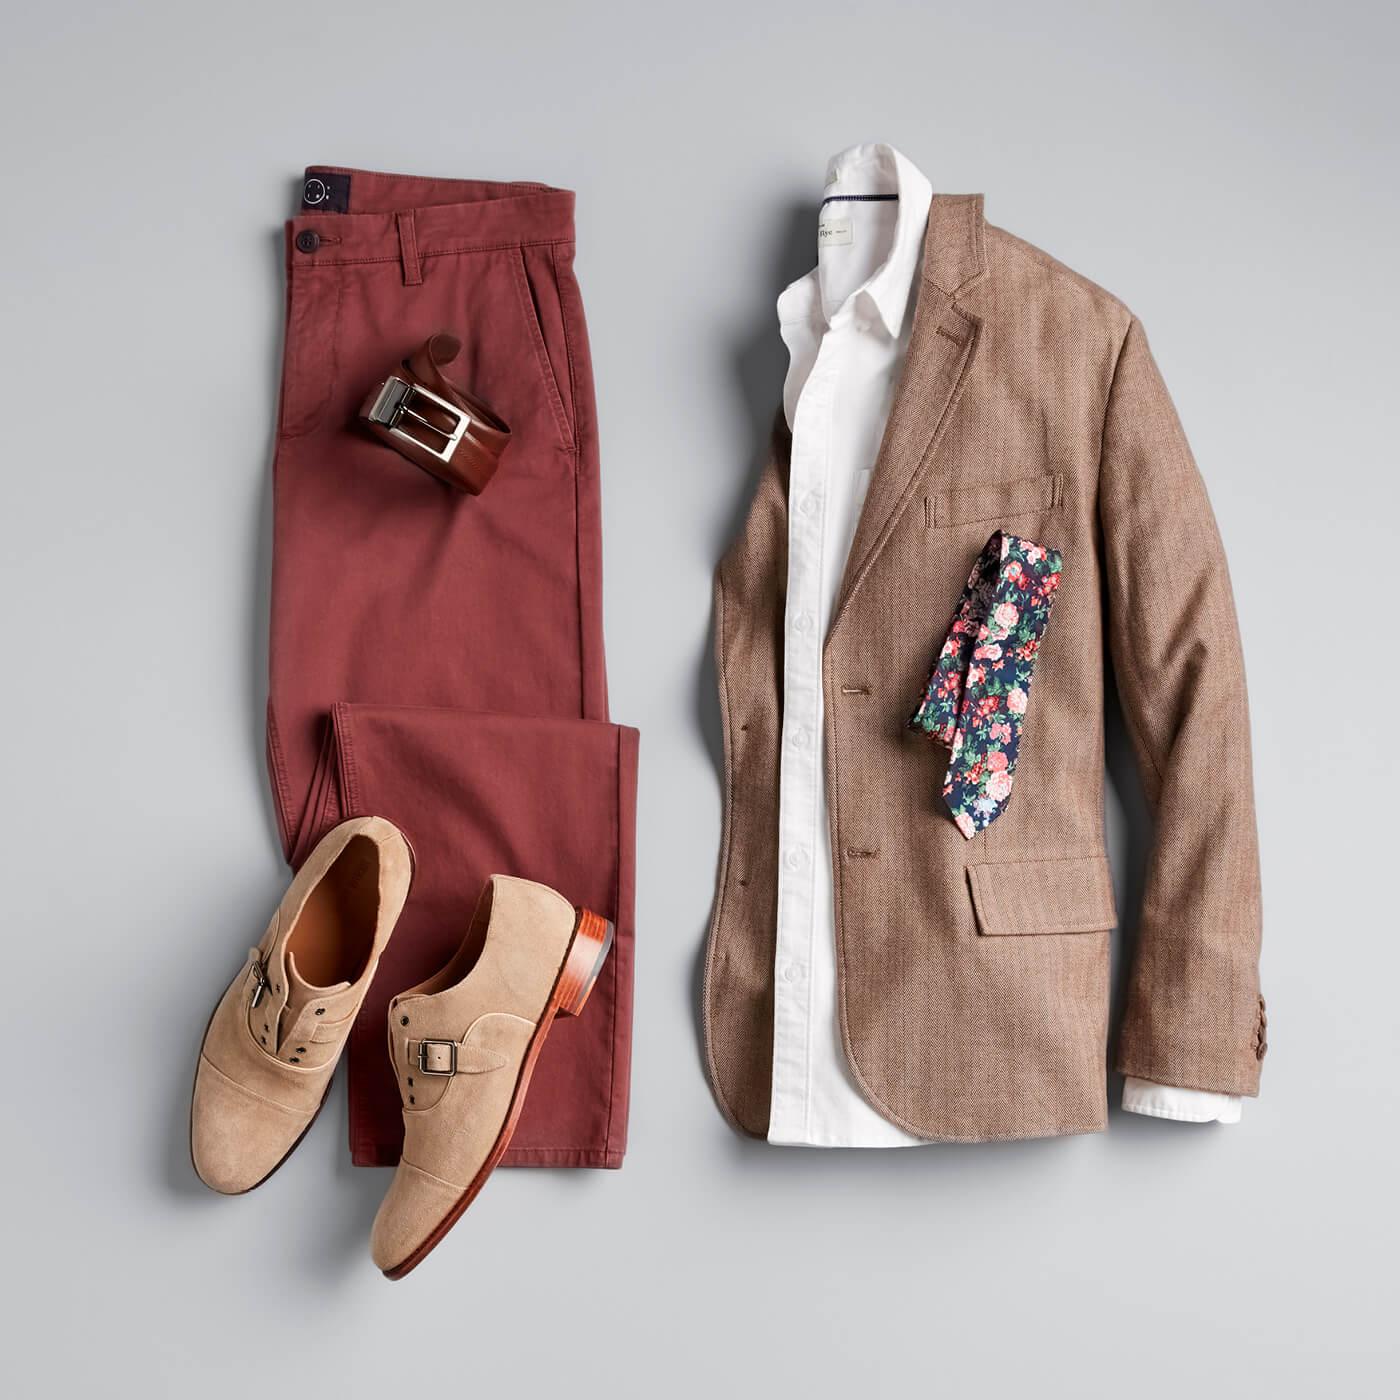 floral print tie, brown blazer, maroon pants